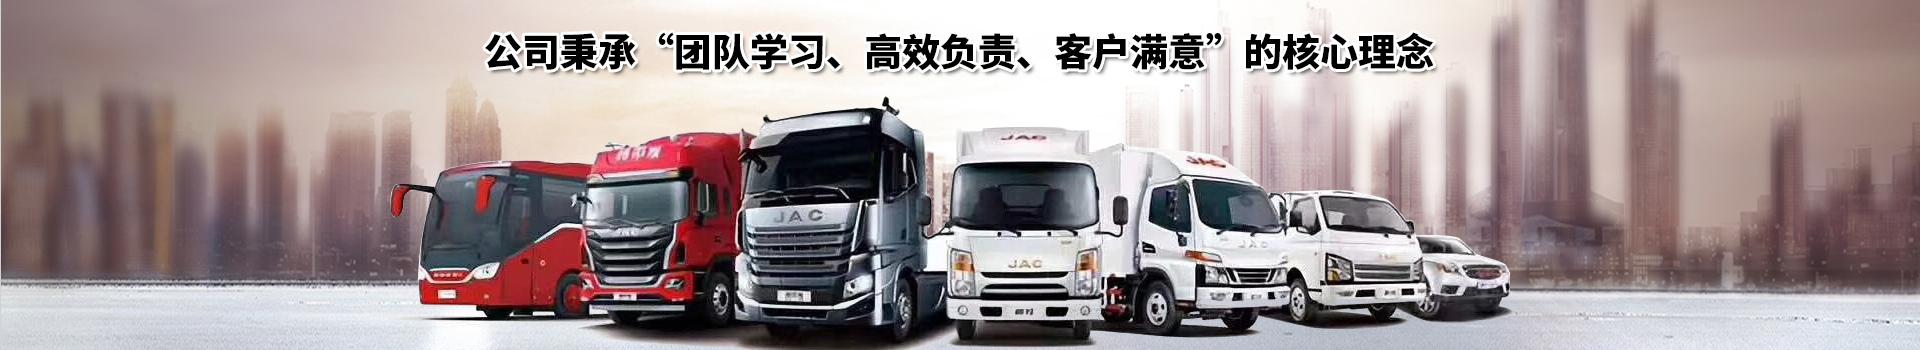 http://www.junxiangjac.com/data/upload/201911/20191107164649_198.jpg